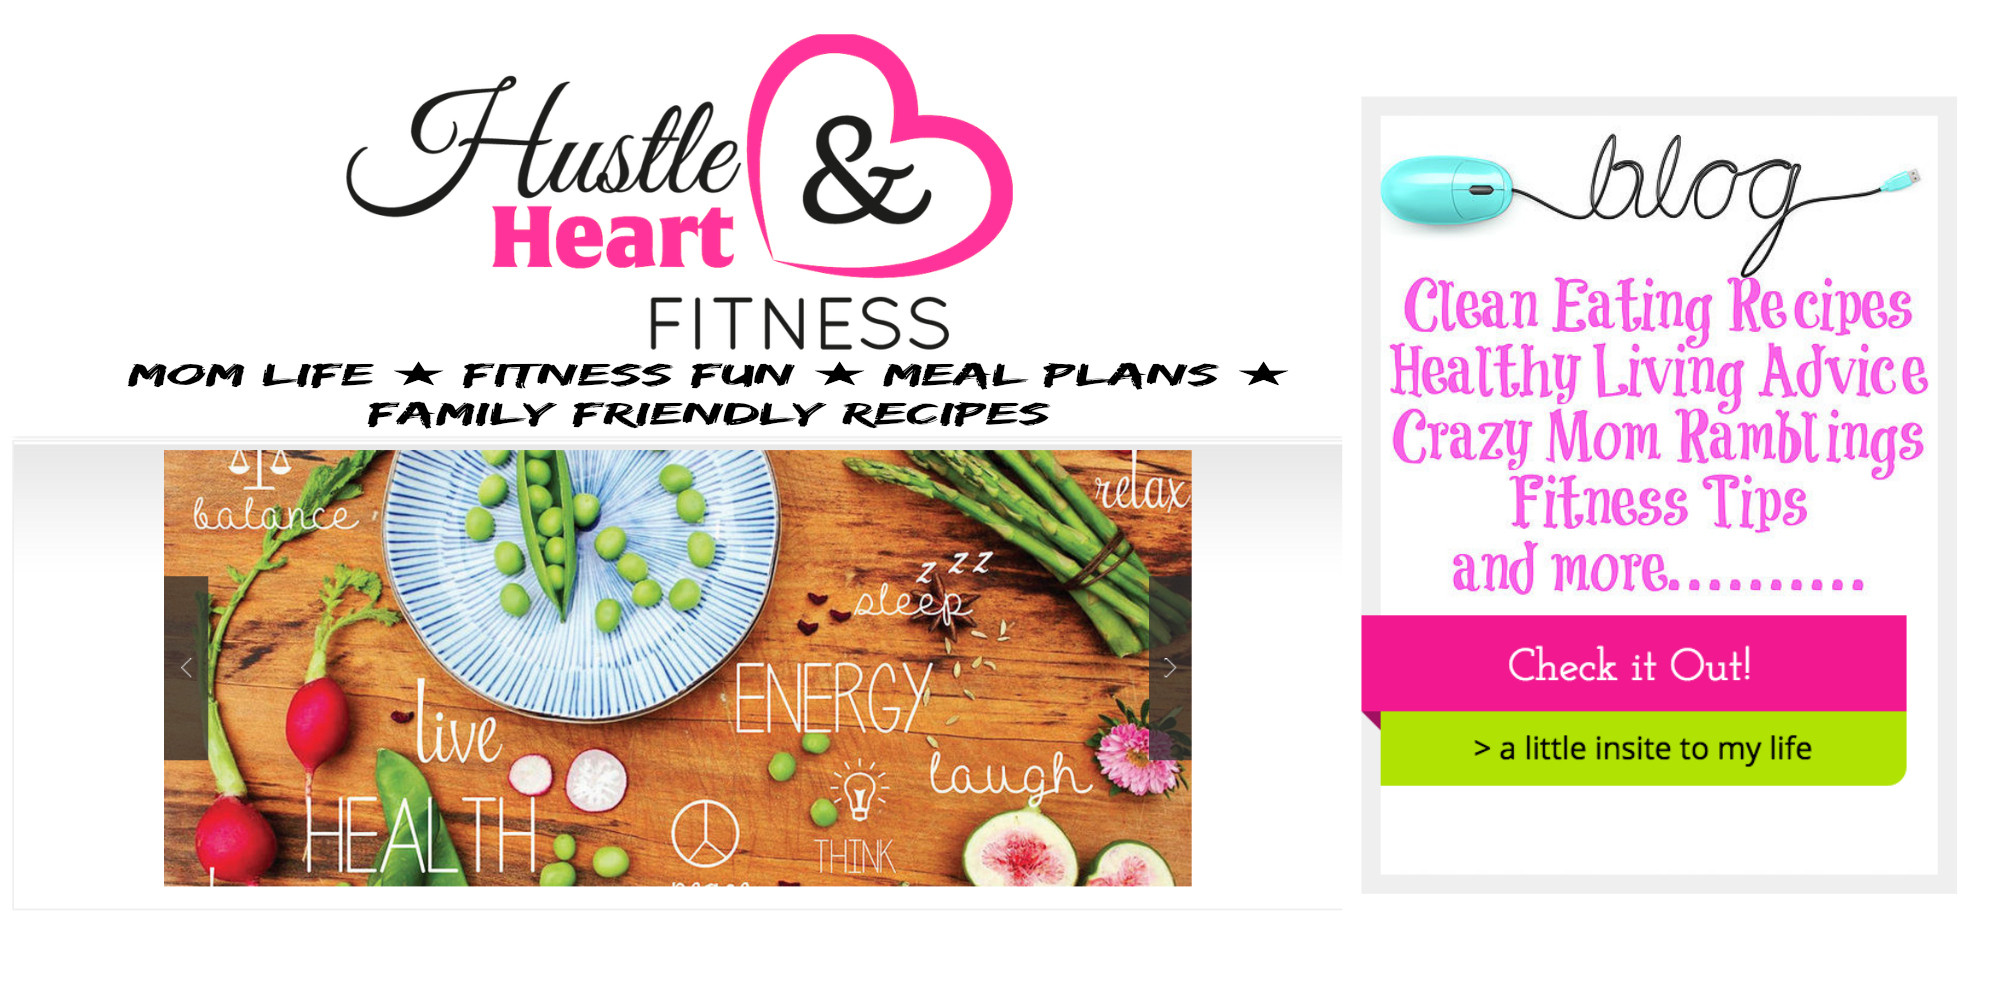 Hustle & Heart Fitness